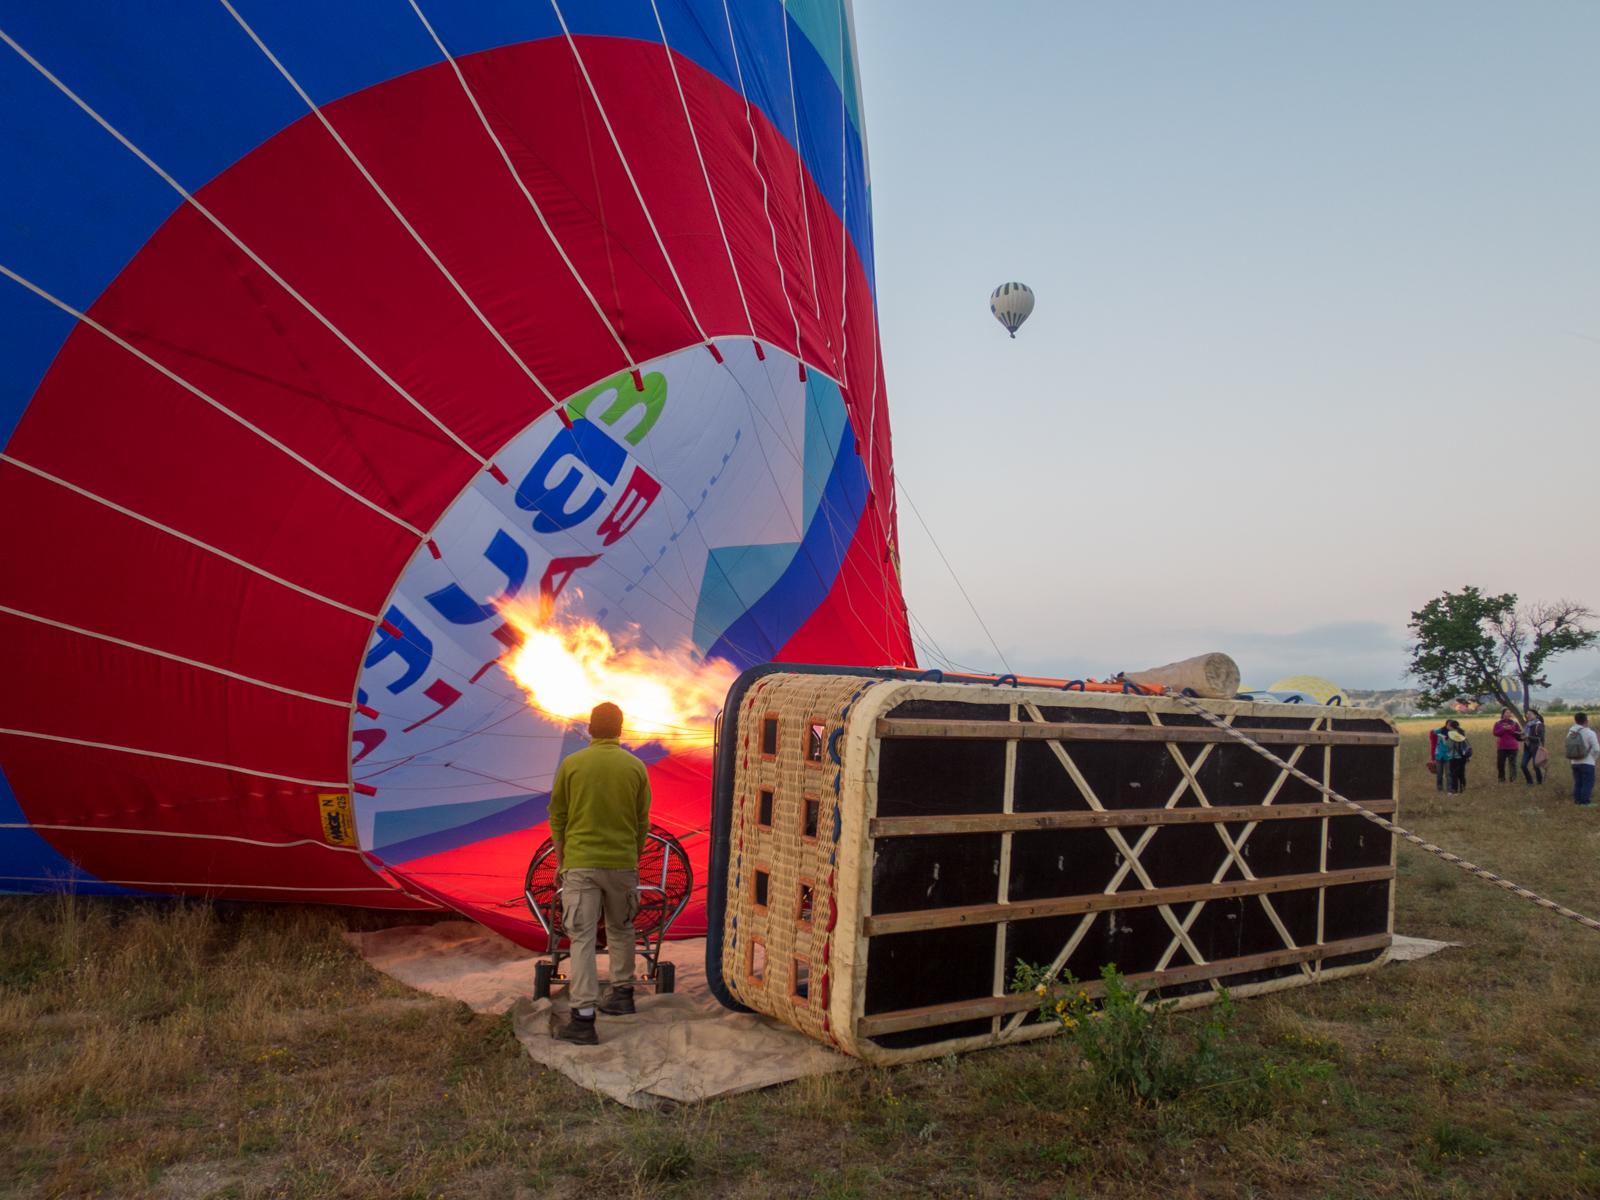 Prepping a hot air balloon